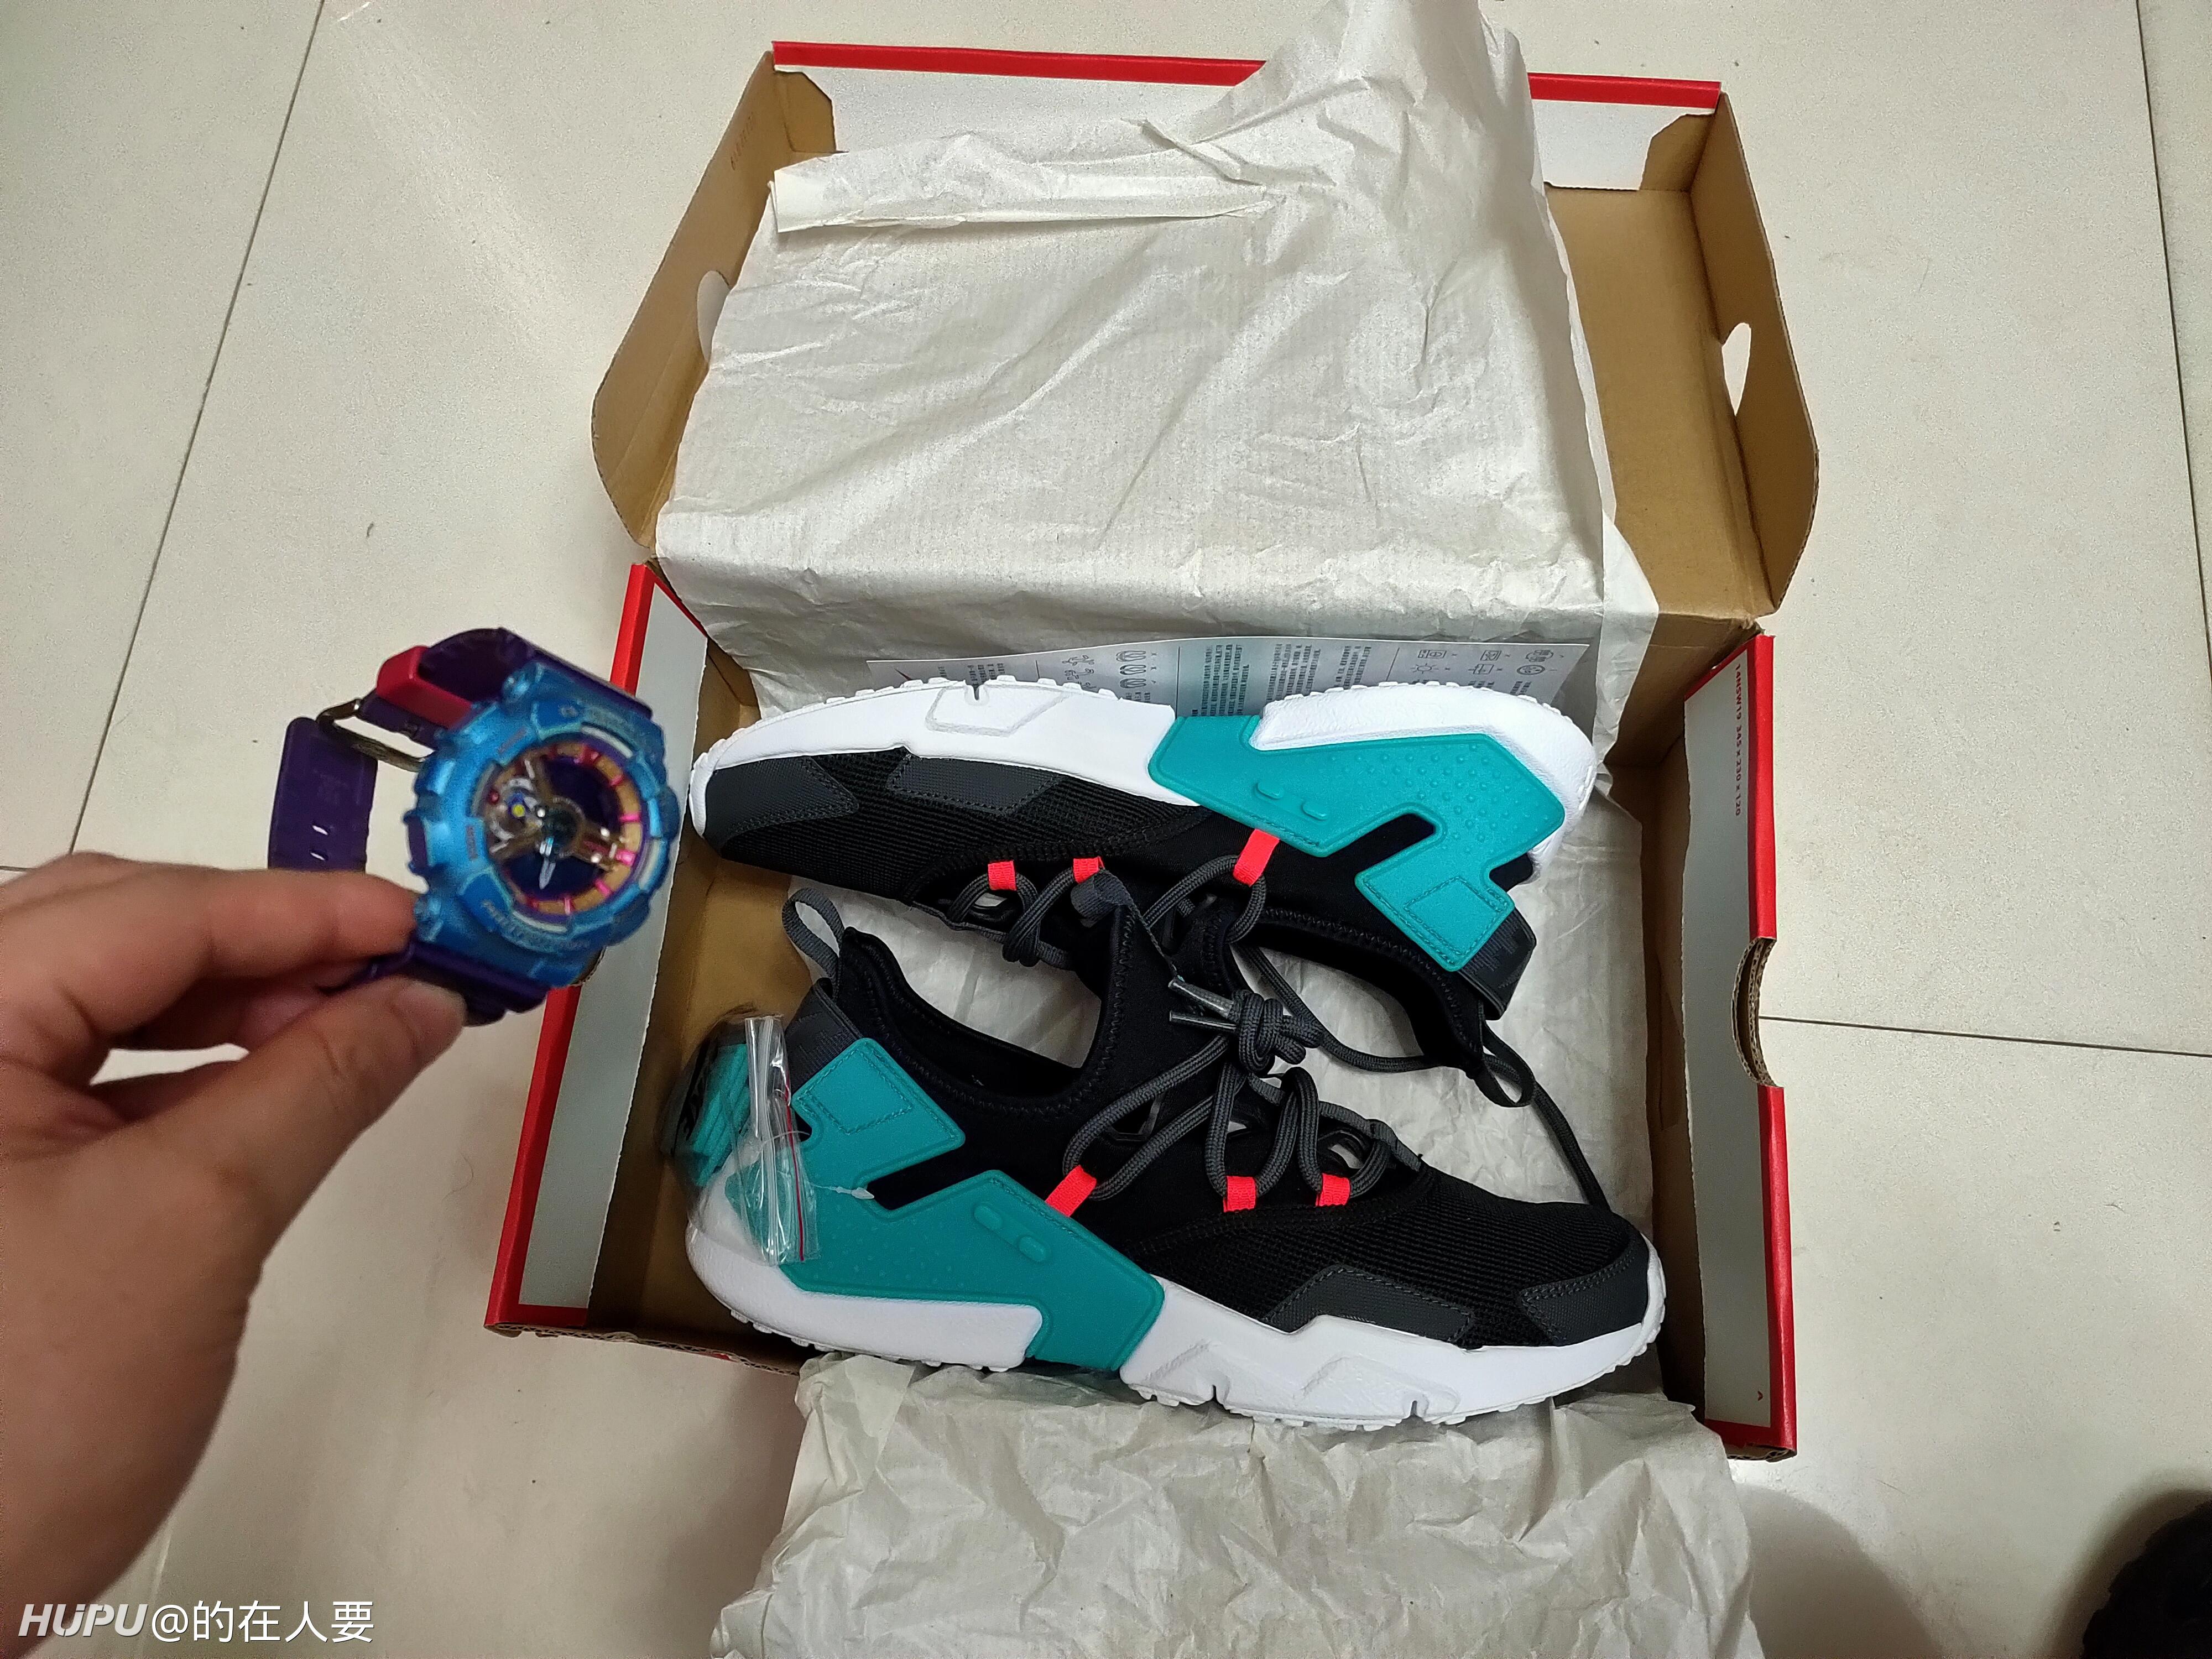 耐克Nike Air Huarache 19年新男子华莱士休闲跑鞋AO1133 003 南